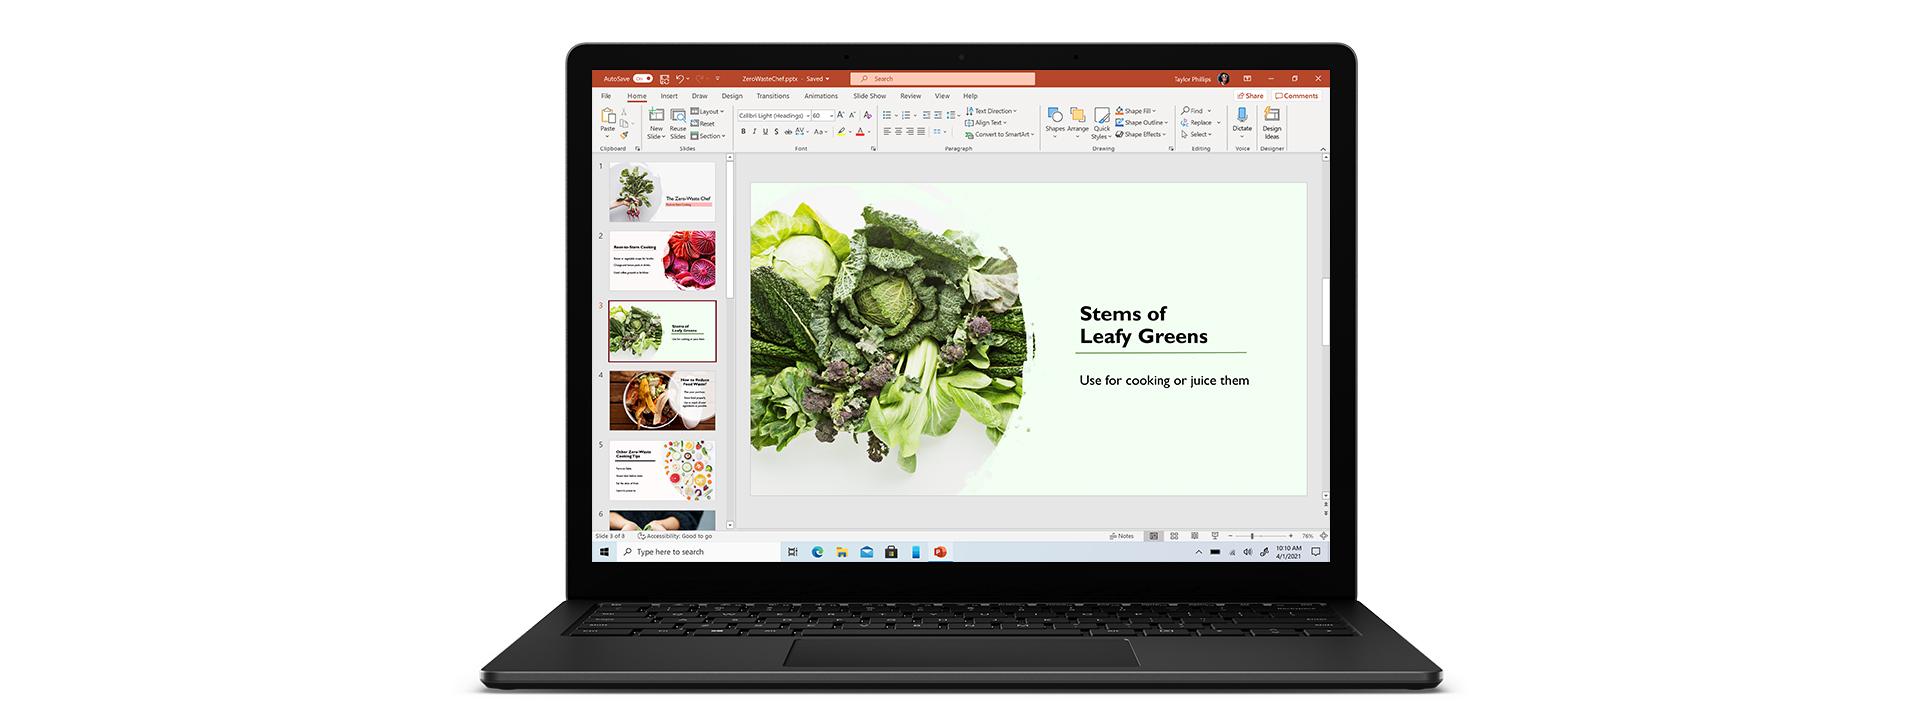 让生活更富新意,更有条理,更安全(Microsoft Office)